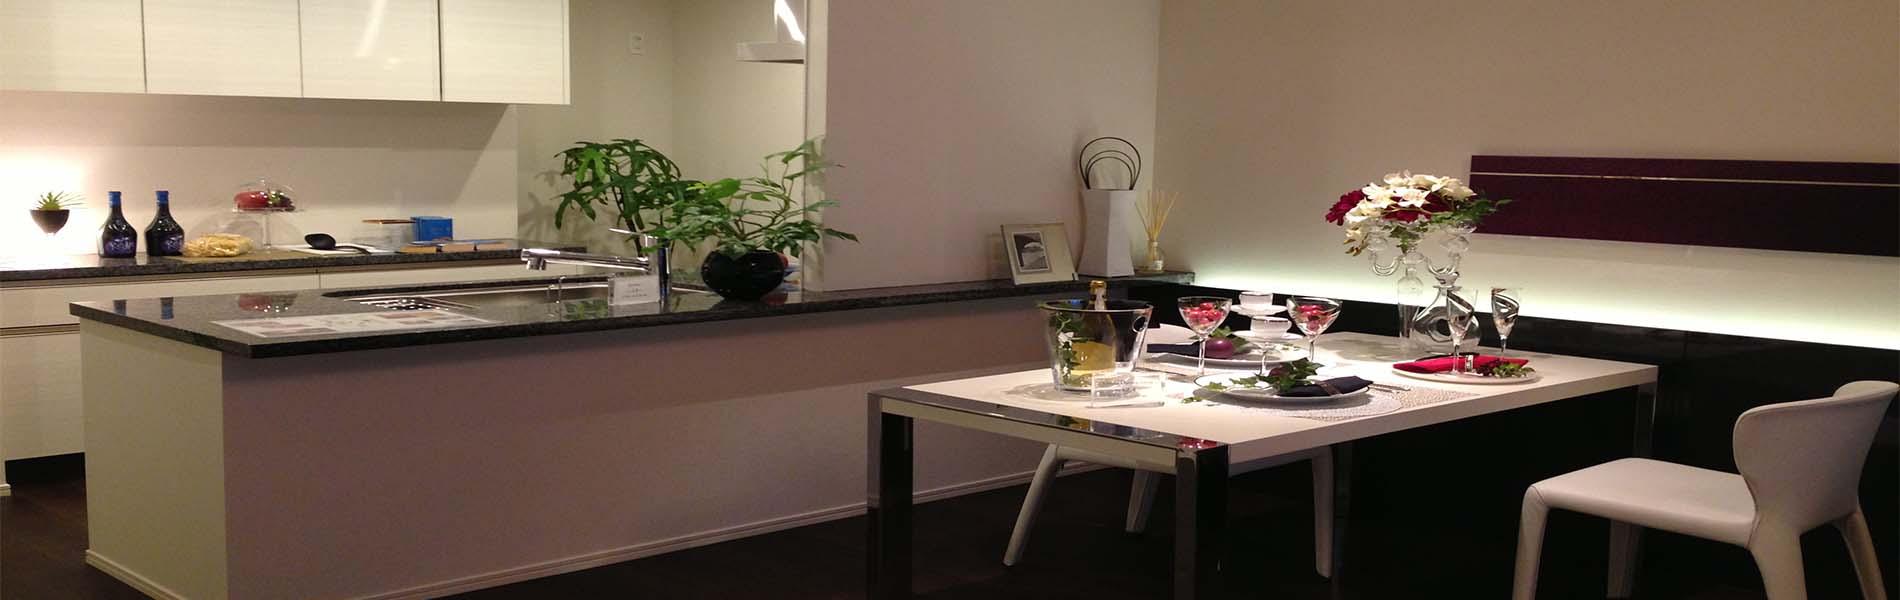 シェアハウス株式会社新宿区イメージ1